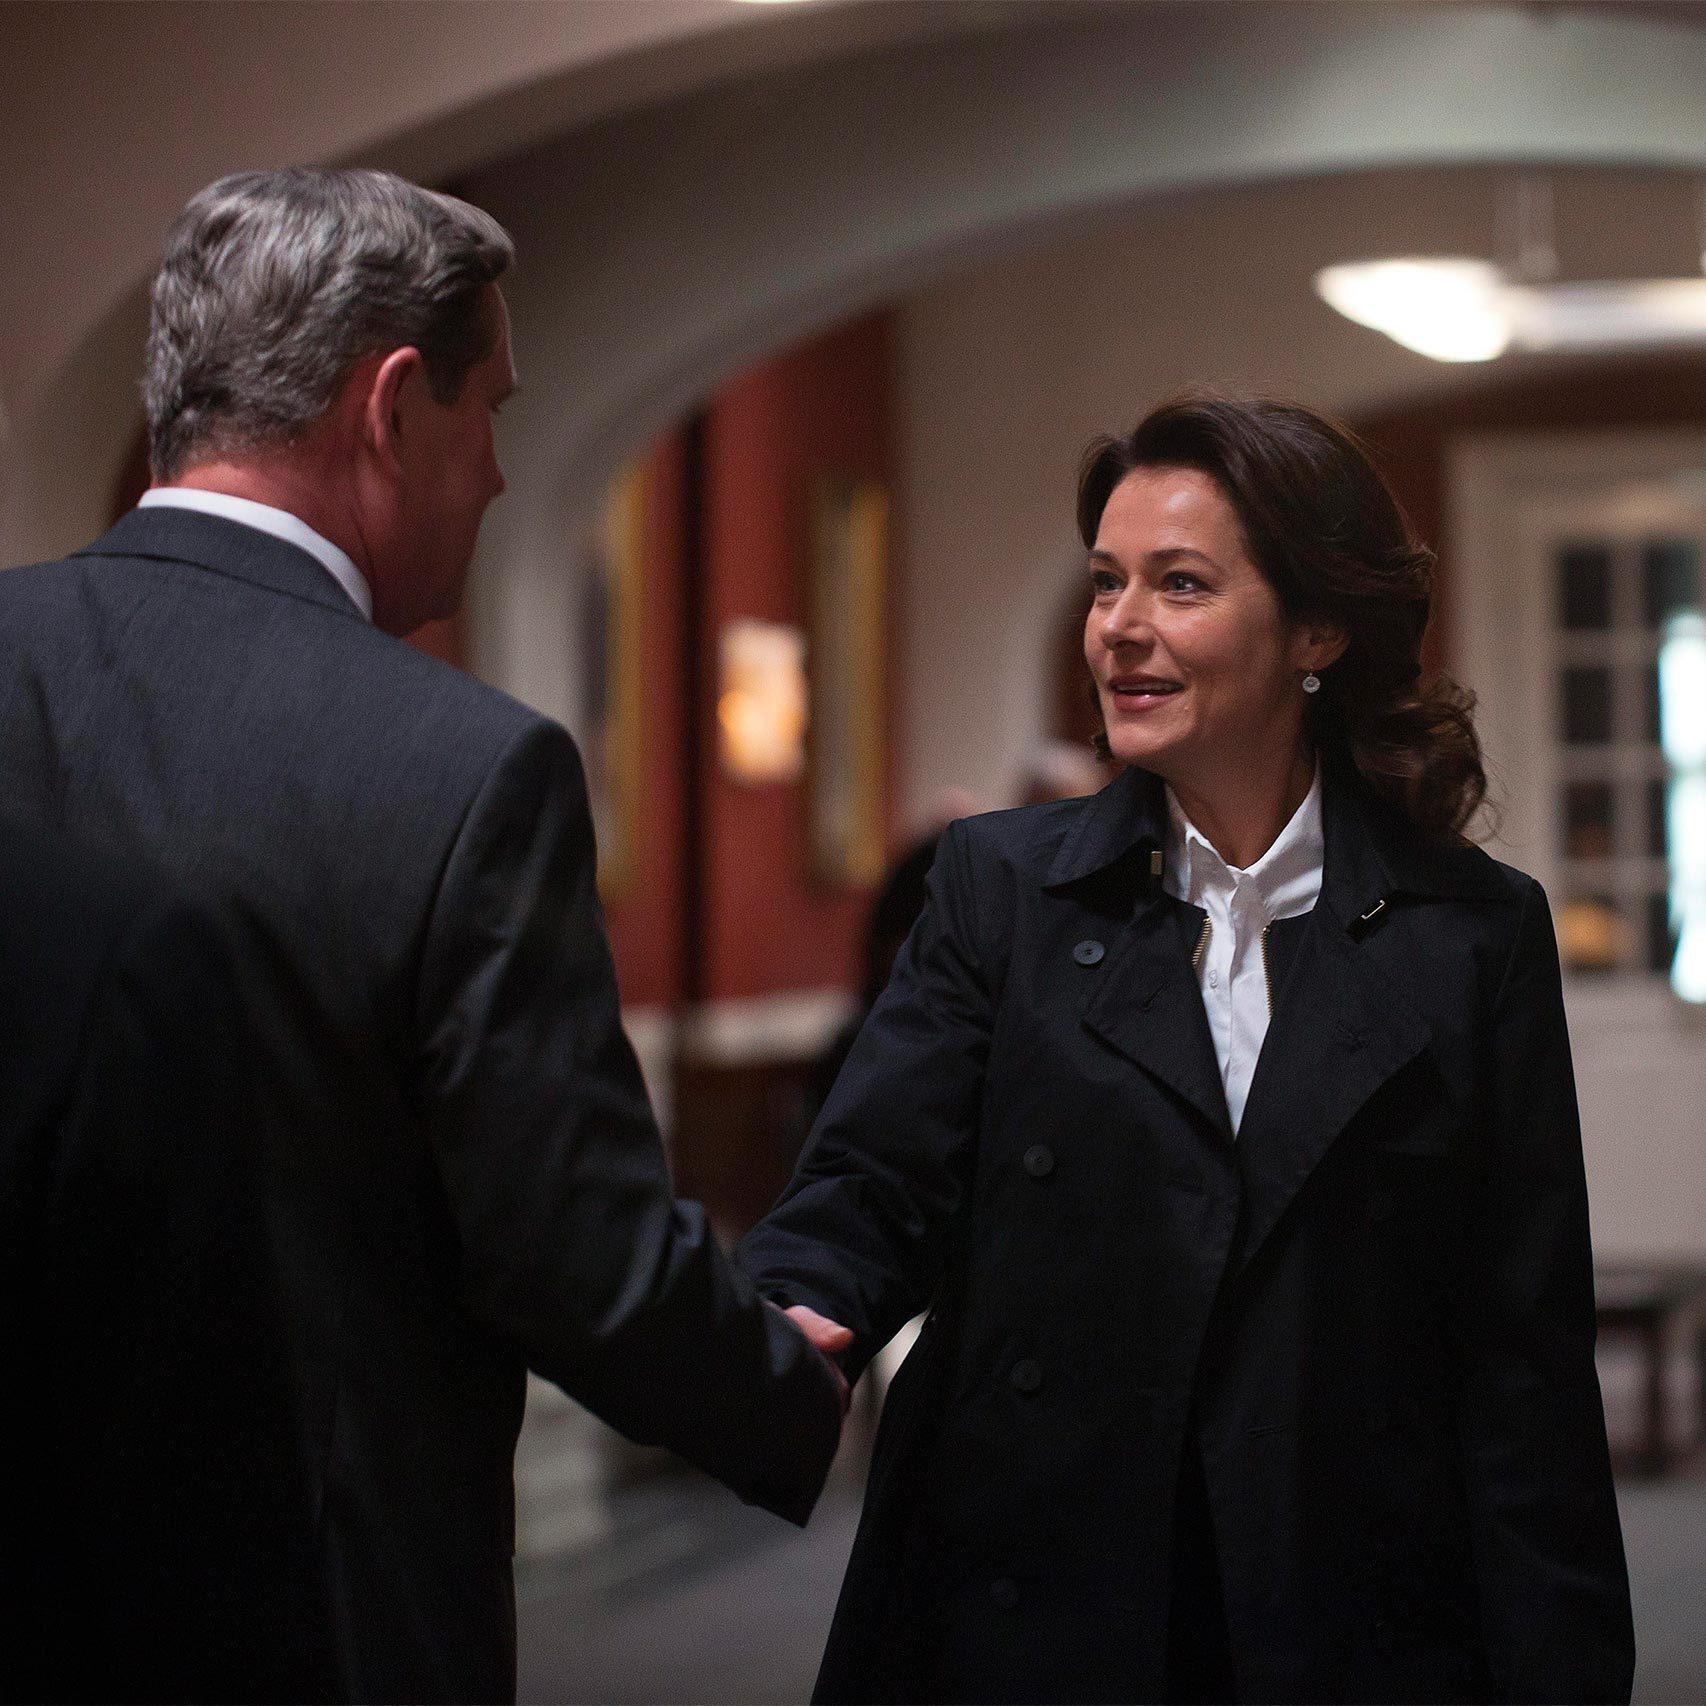 Birgitte Nyborg saluda al líder del partido conservador en los pasillos de la Cámara.